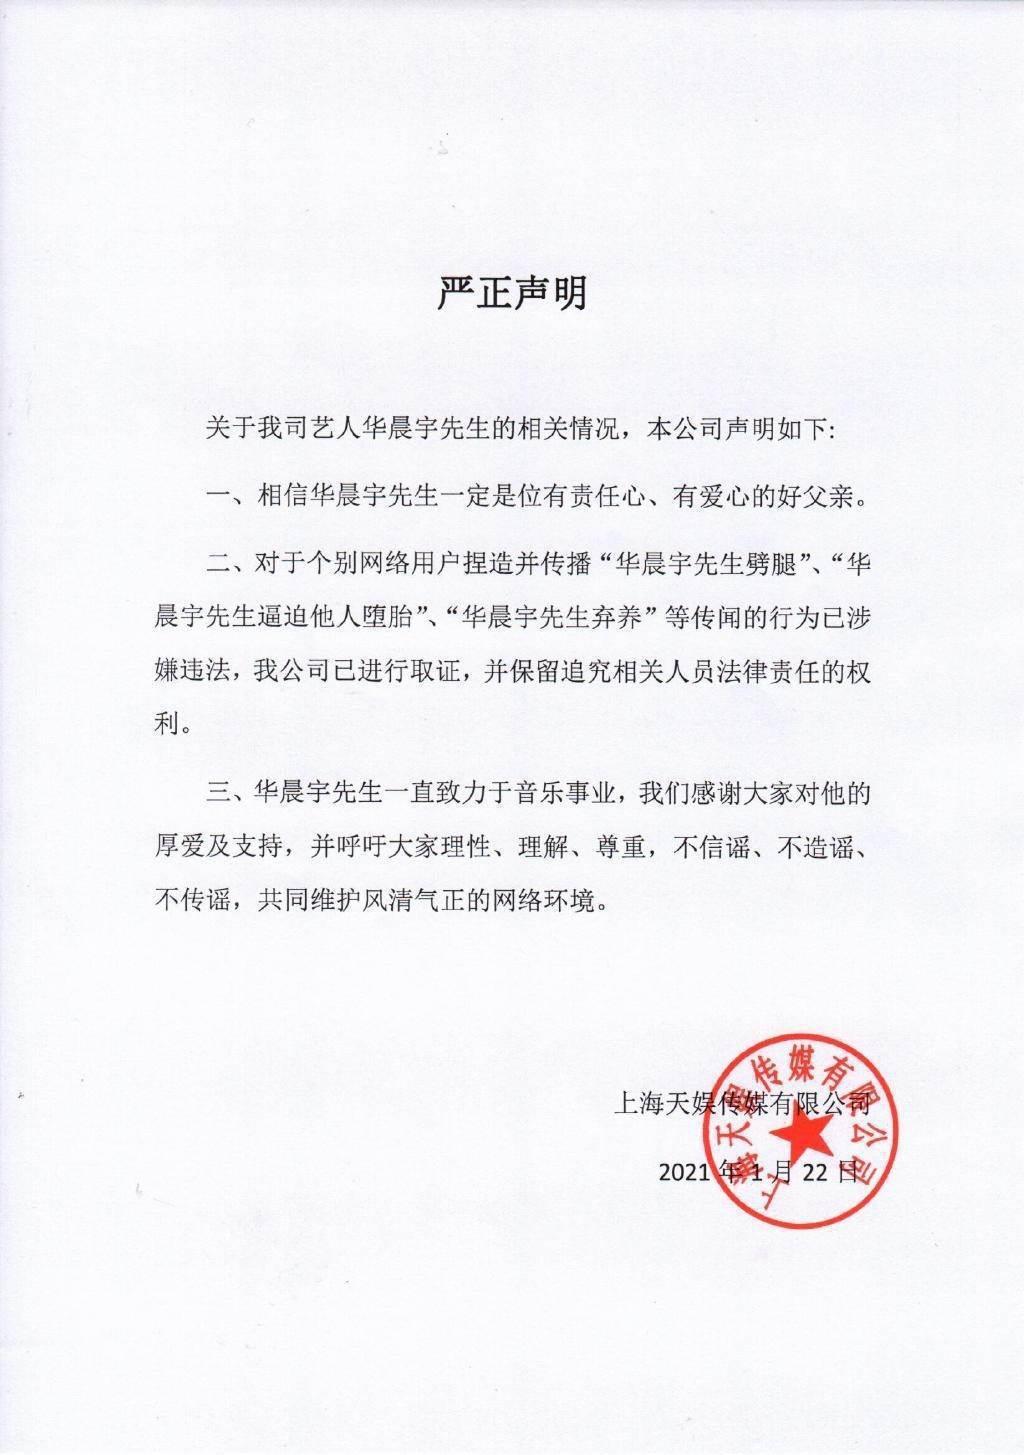 華晨宇工作室怒發聲明駁斥謠言。圖/摘自華晨宇工作室微博